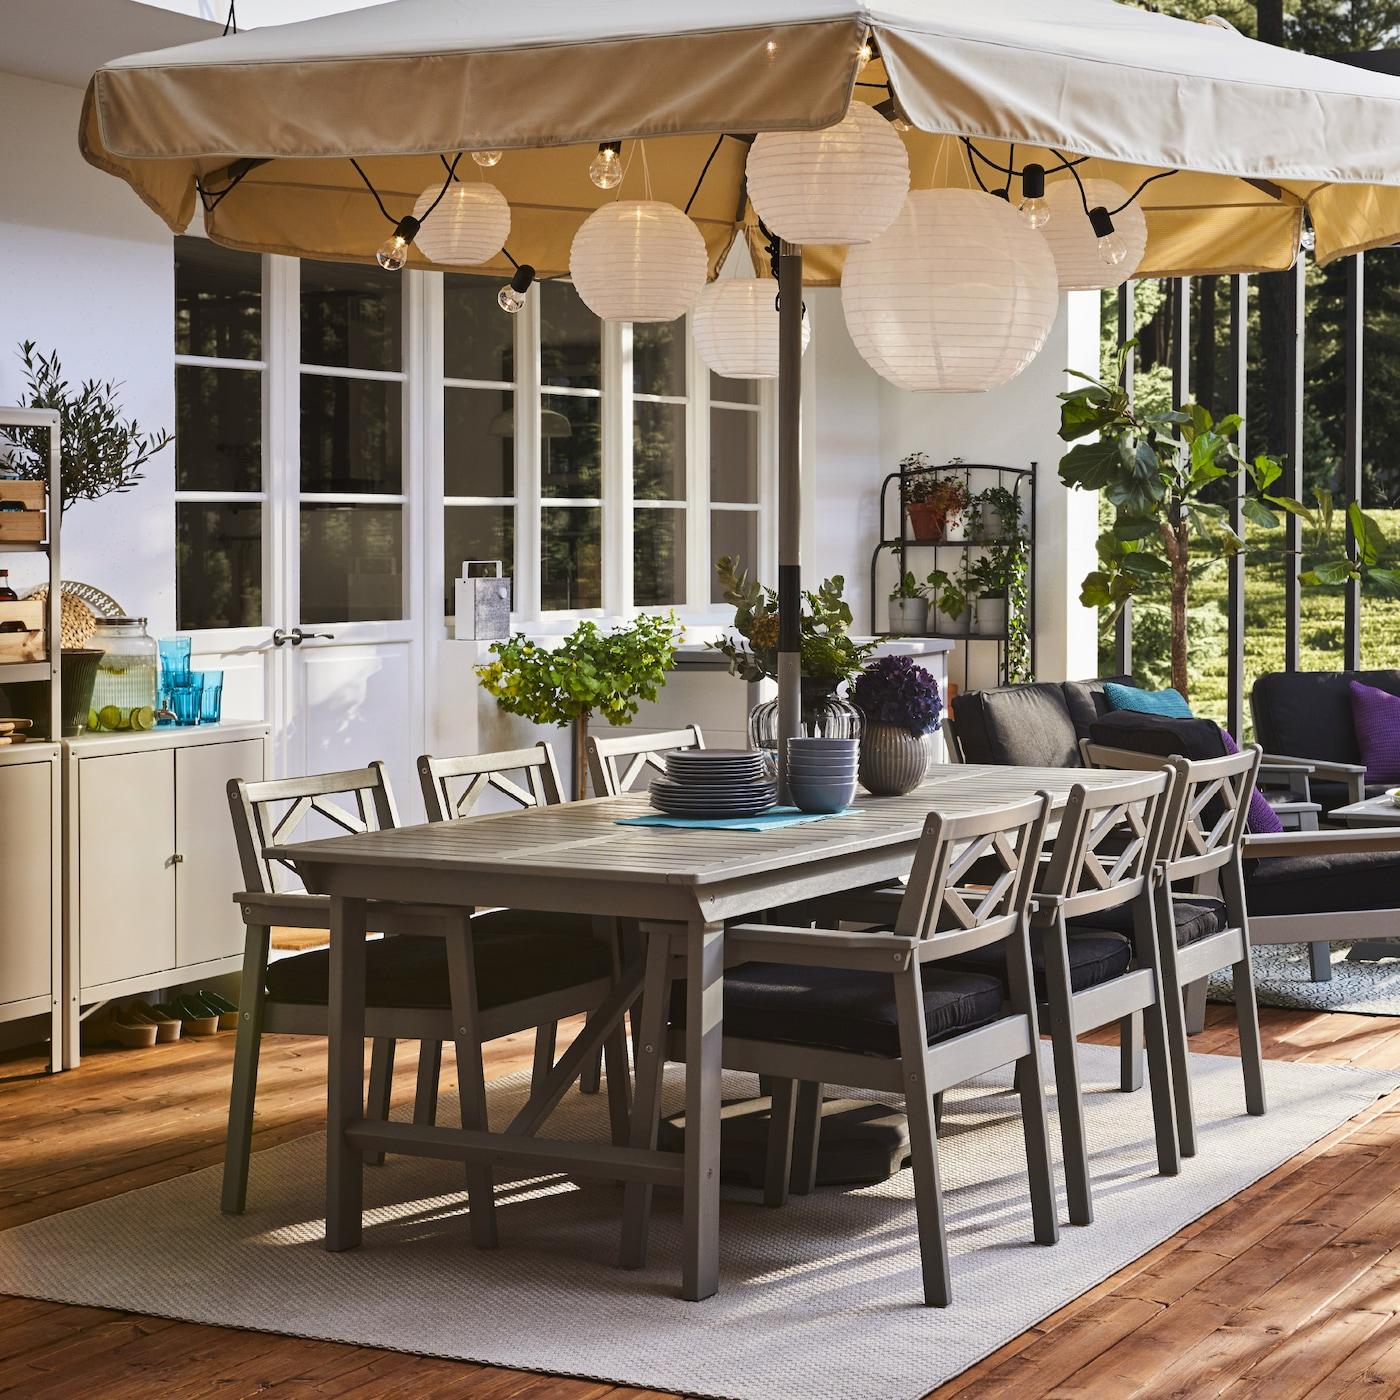 Tágas udvar asztallal és székekkel, szürke kartámlákkal, nagy napernyő, kerek függőlámpák és fa padlóburkolat.